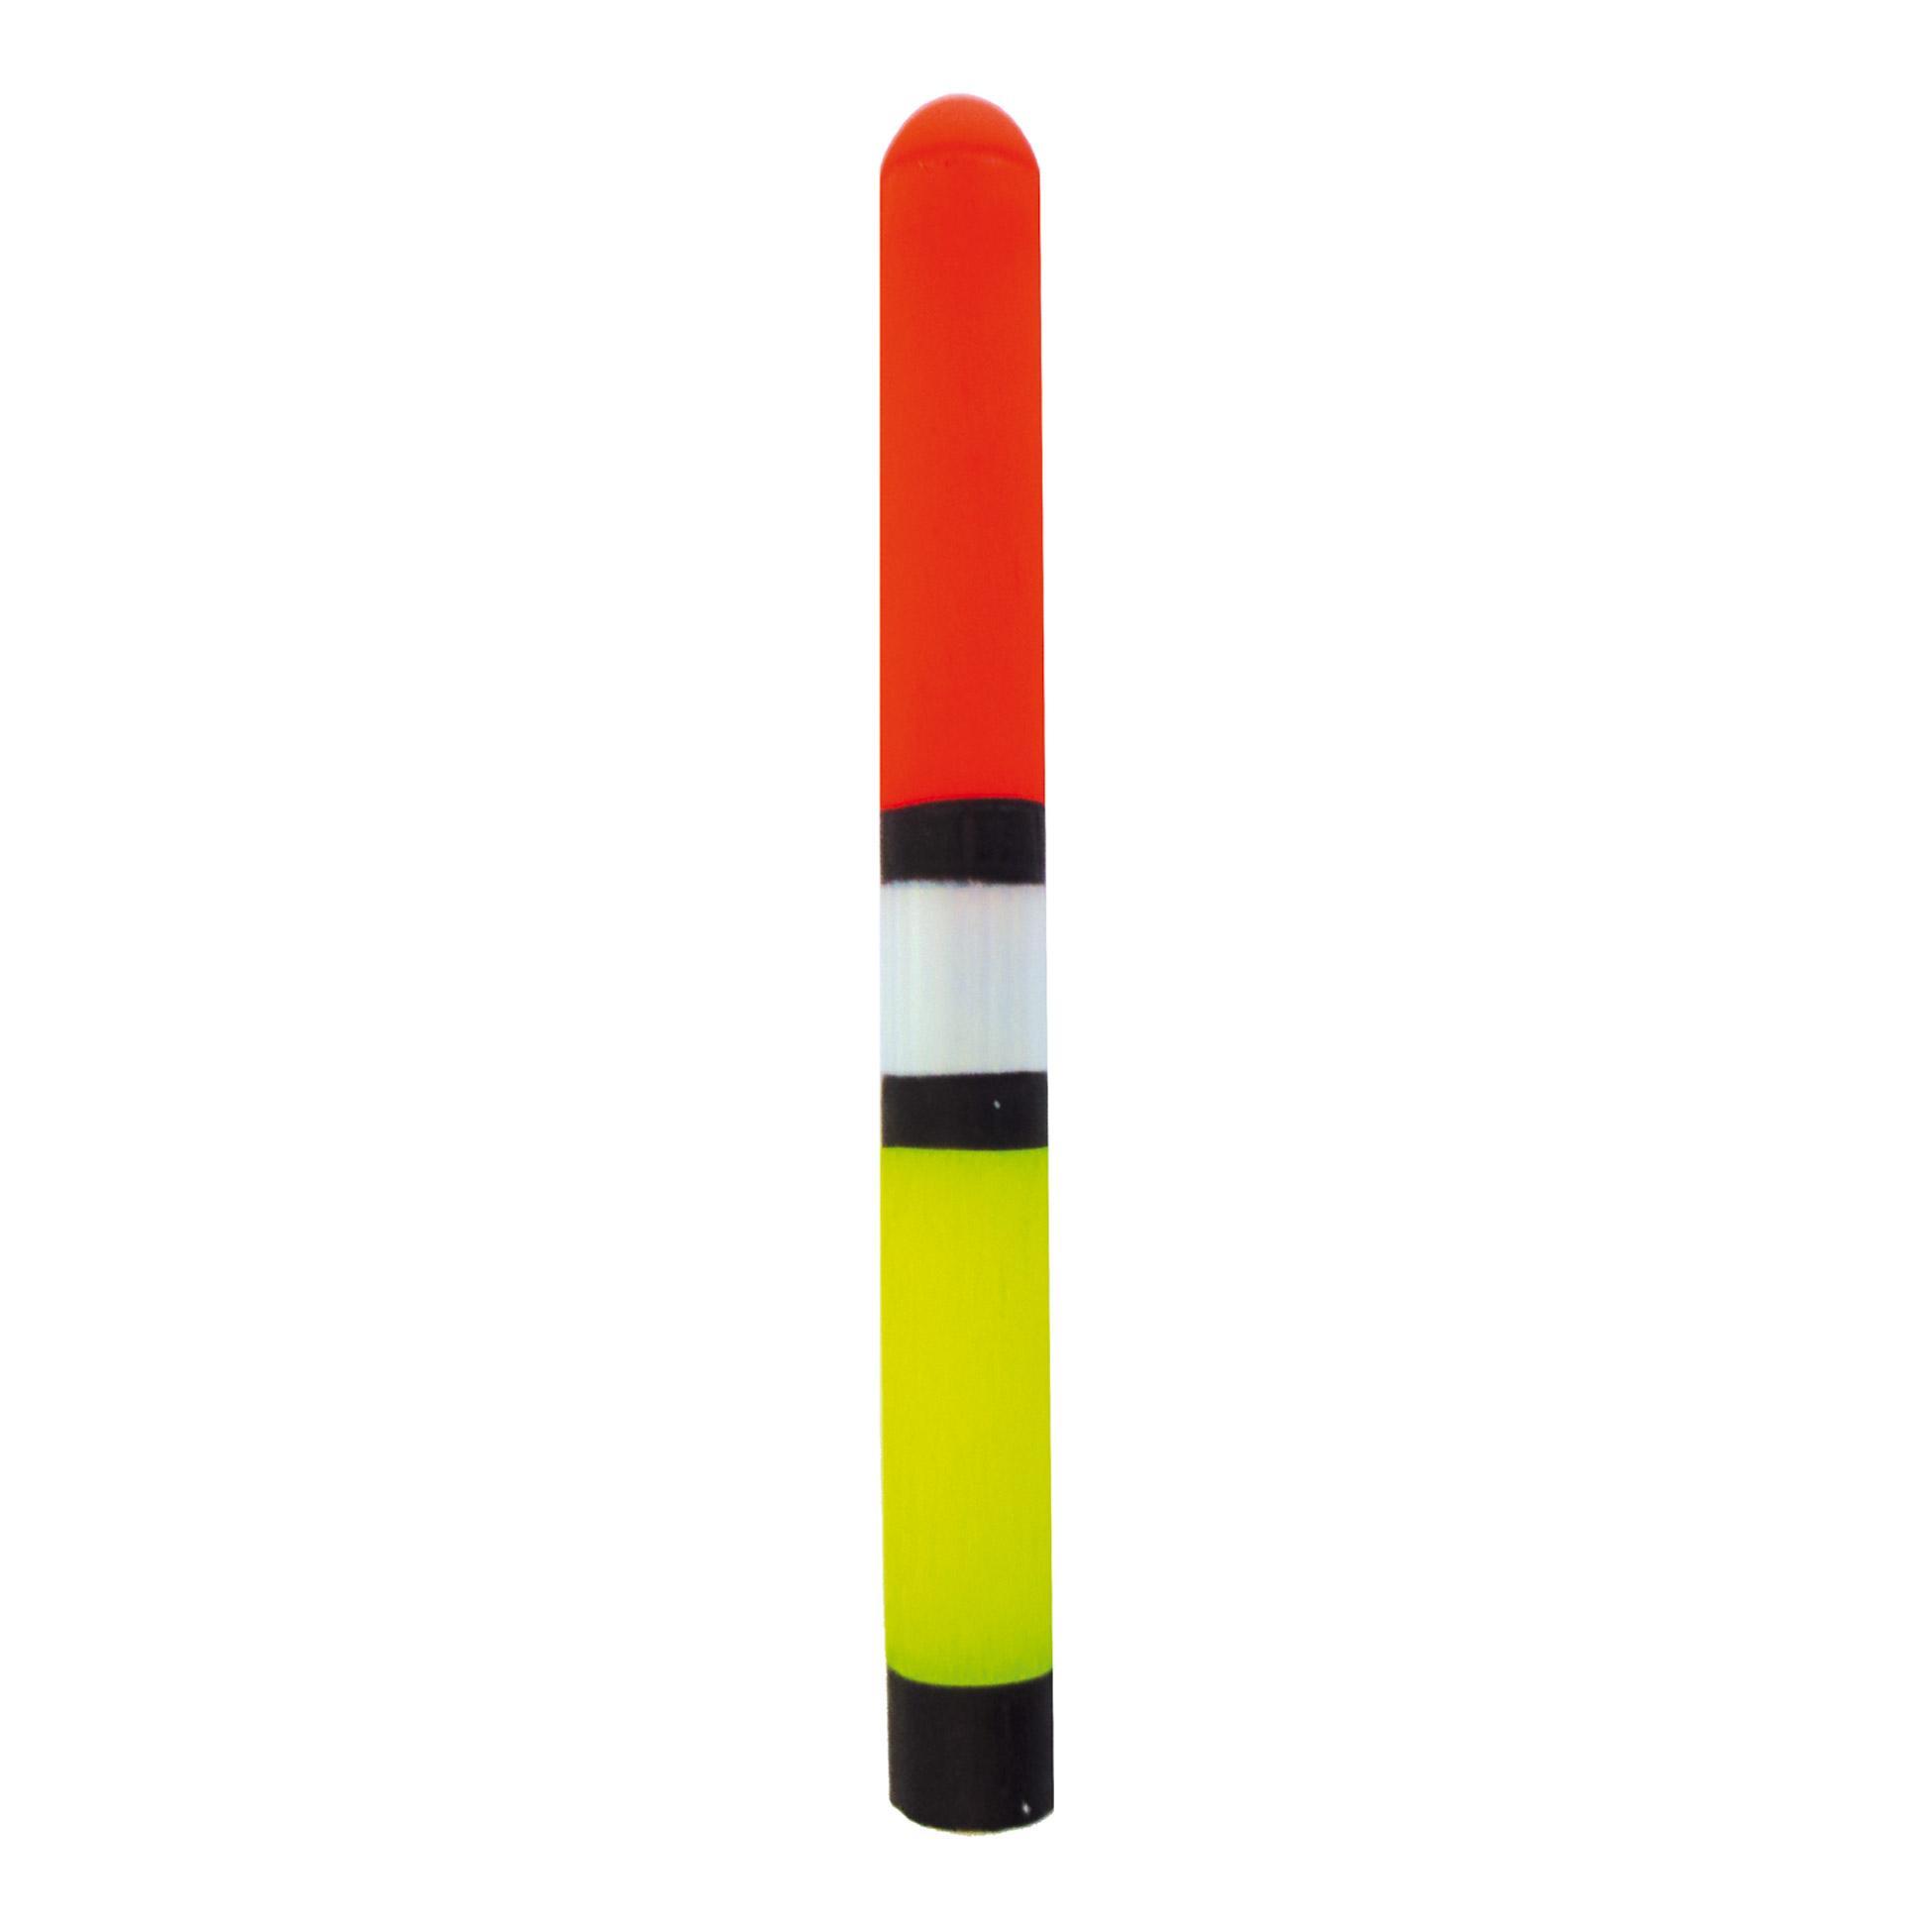 Antenne per Galleggianti Multicolor